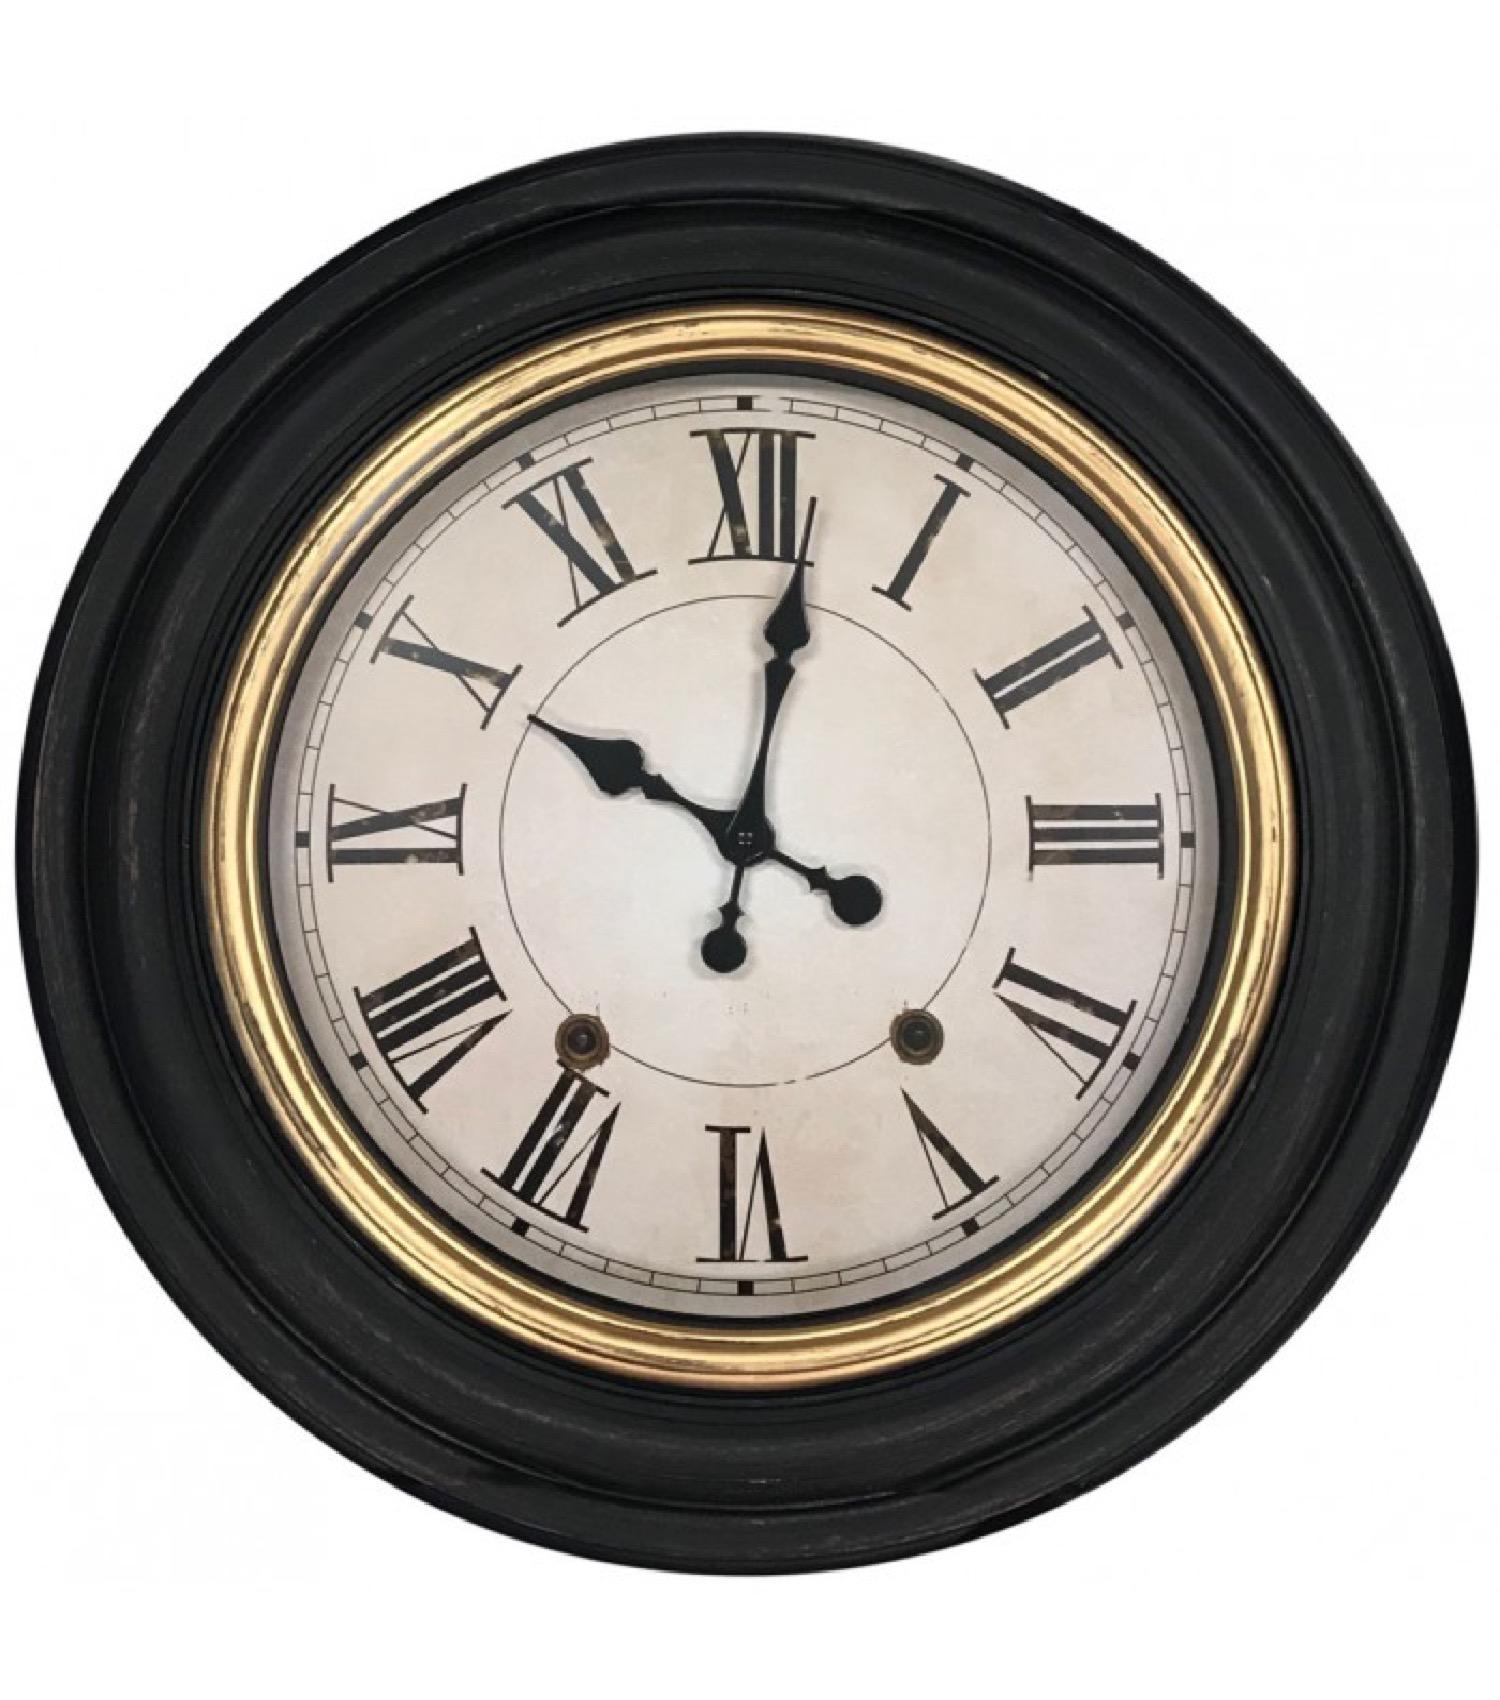 Horloge murale ronde noire et dorée D59